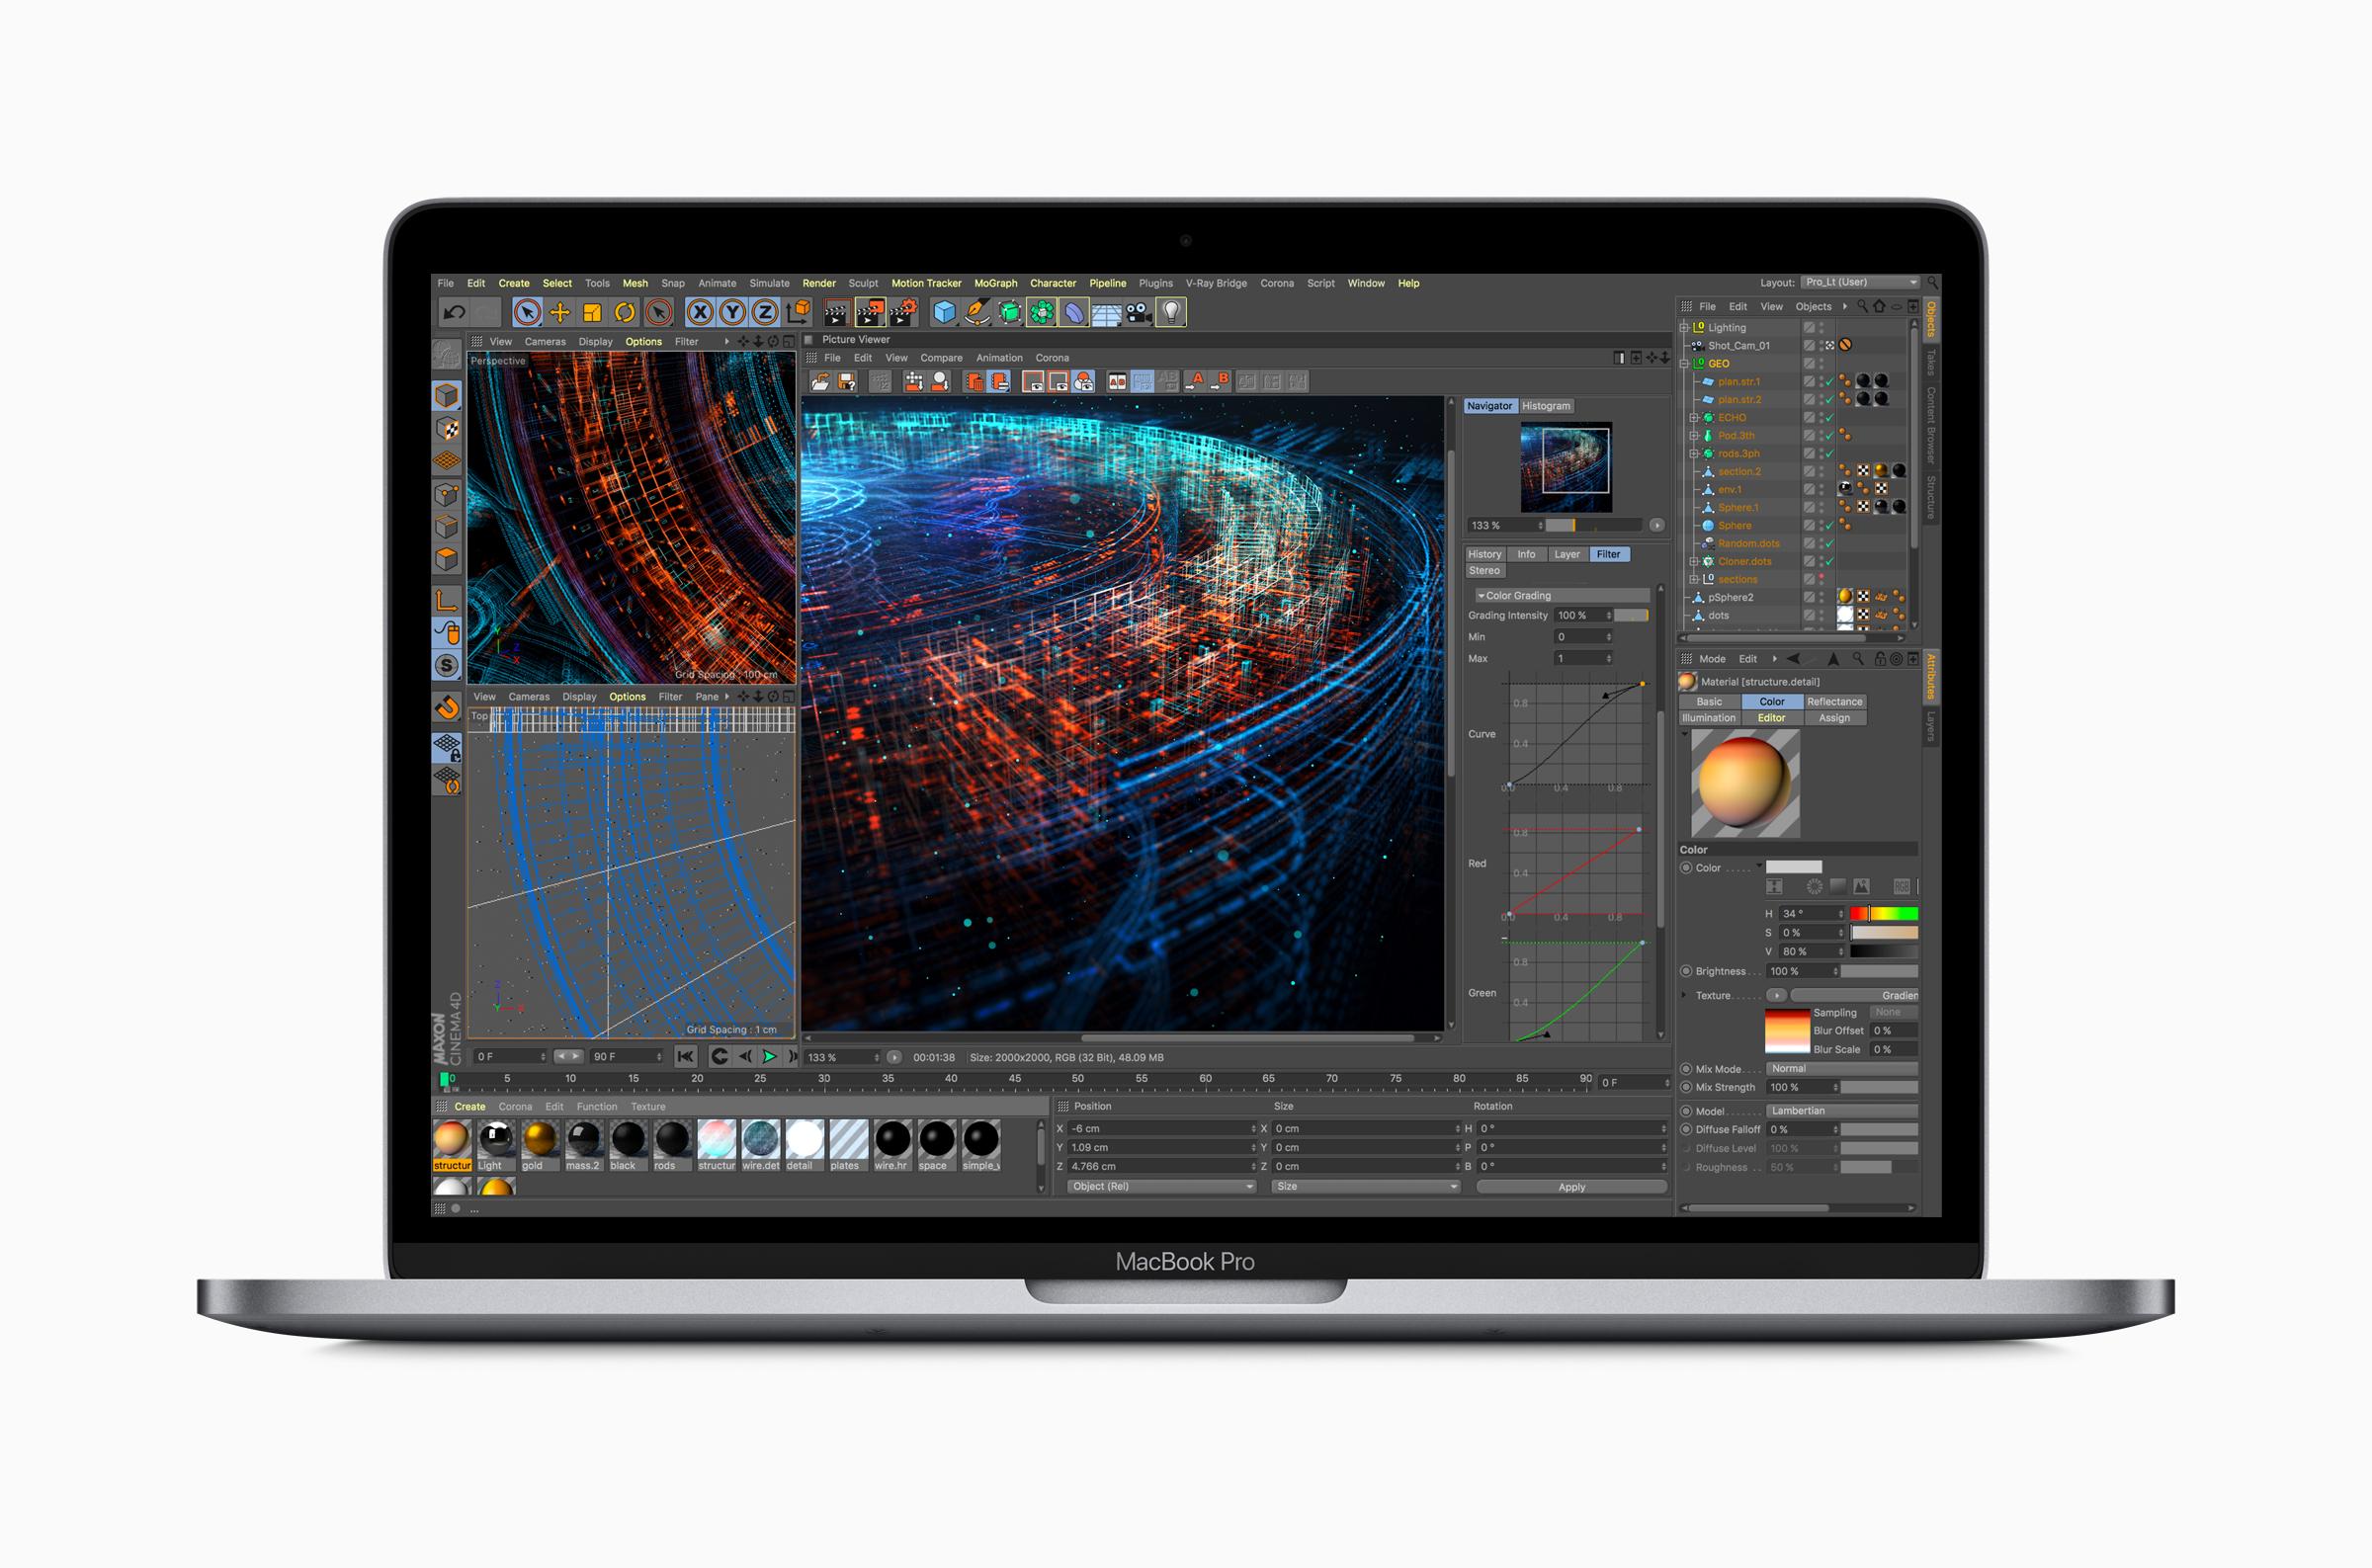 Apple's 15-inch MacBook Pro.